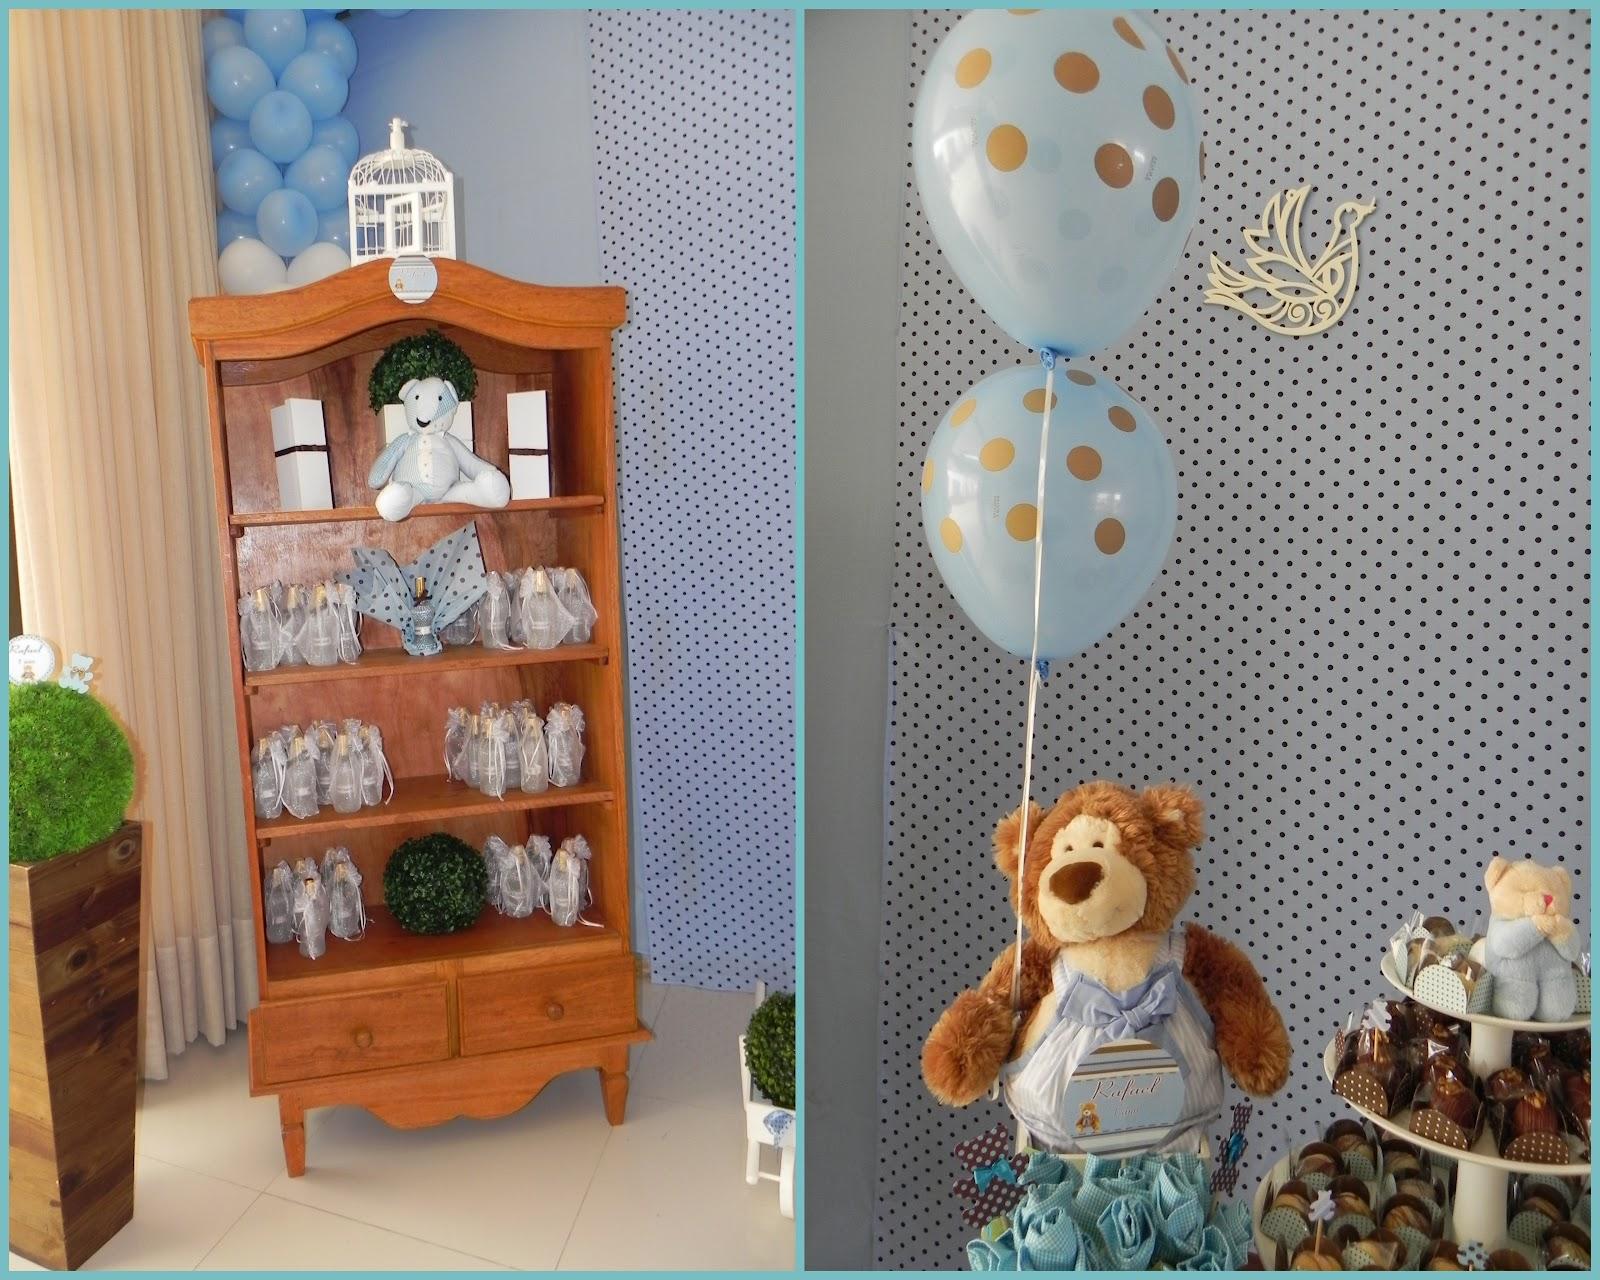 decoracao festa urso azul e marrom : decoracao festa urso azul e marrom:Edfau Festas: URSINHOS AZUL COM POÁ MARROM